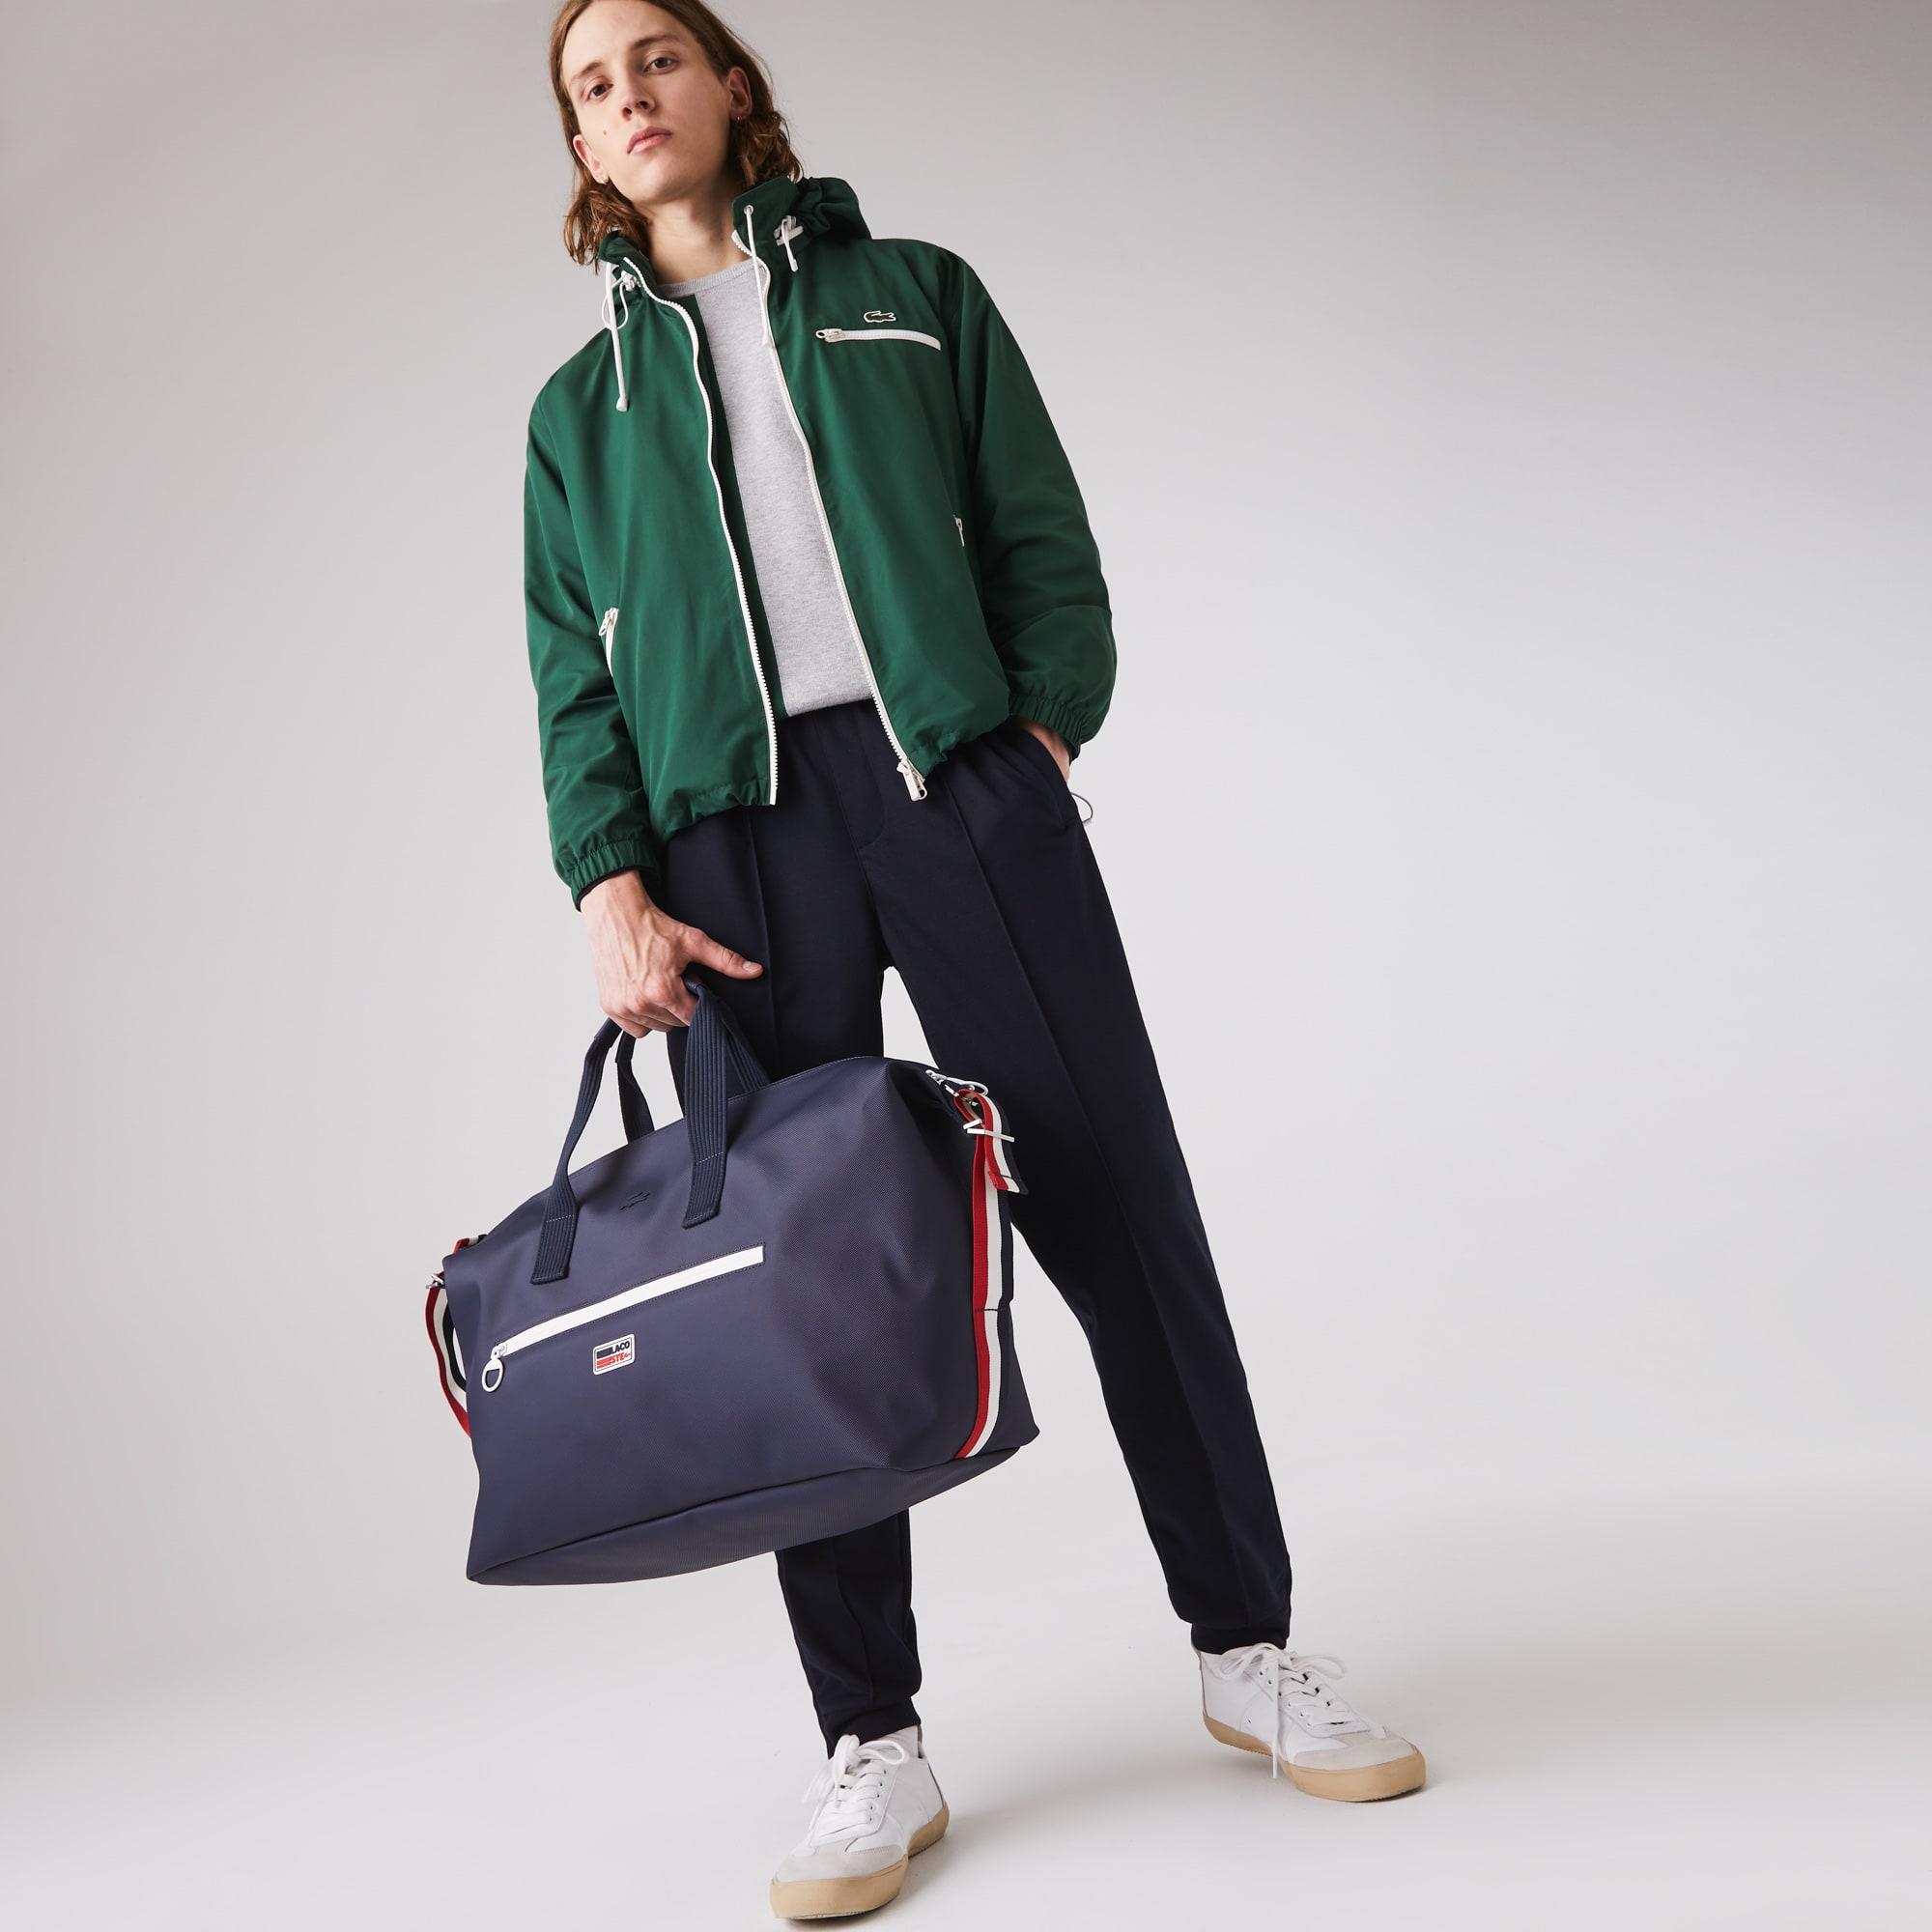 라코스테 클래식 위켄더백 Lacoste Mens Classic Tricolour Accents Weekender Bag,ECLIPSE BLANC ROUGE F94